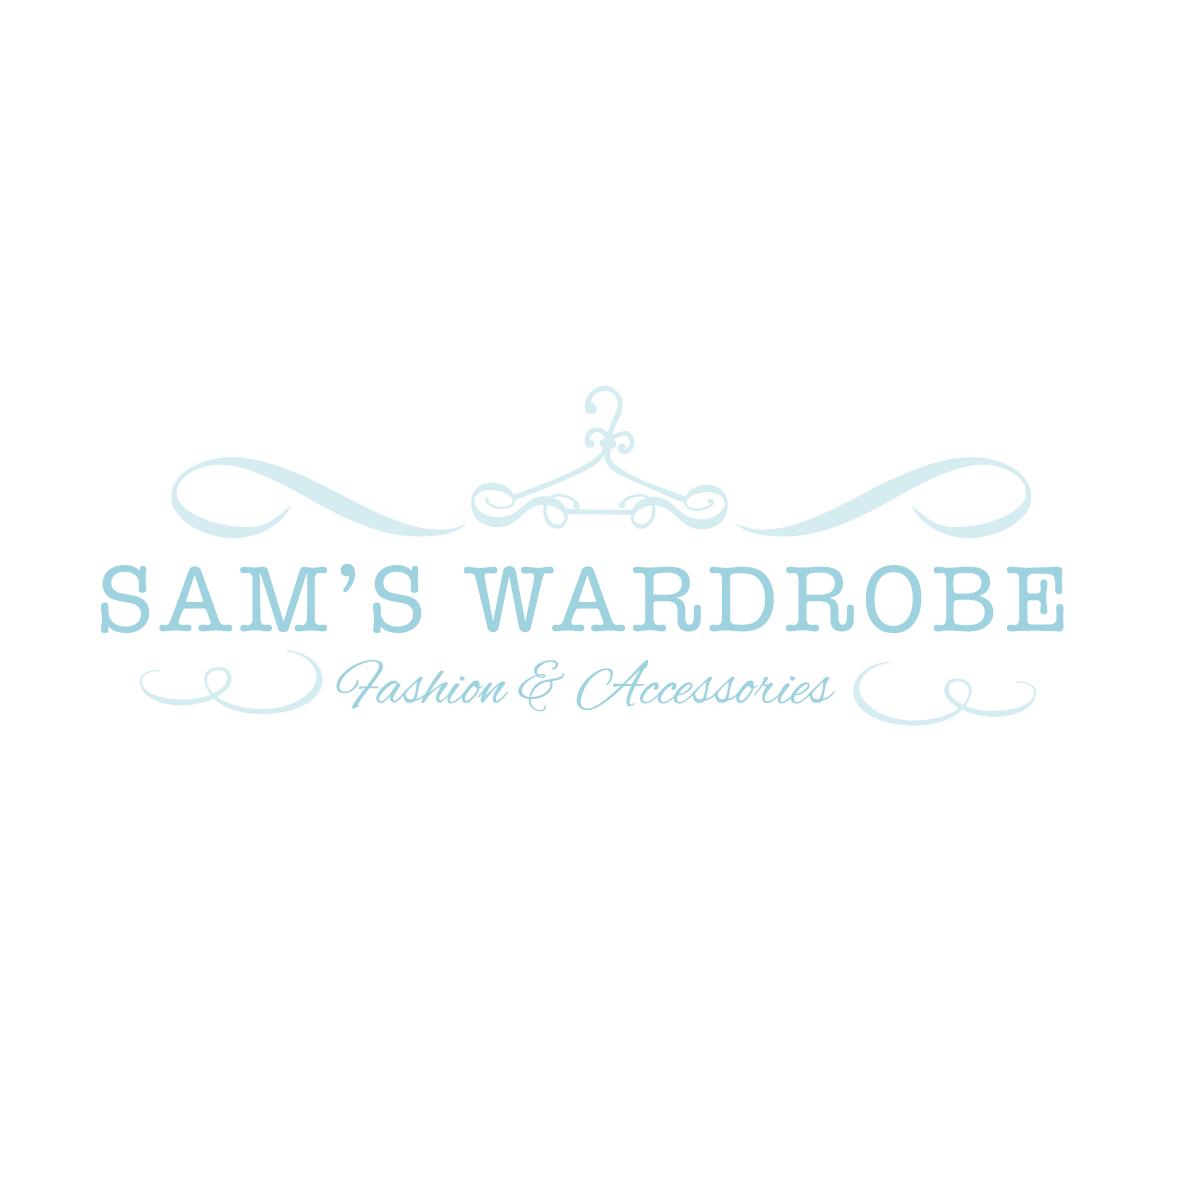 Sam's Wardrobe